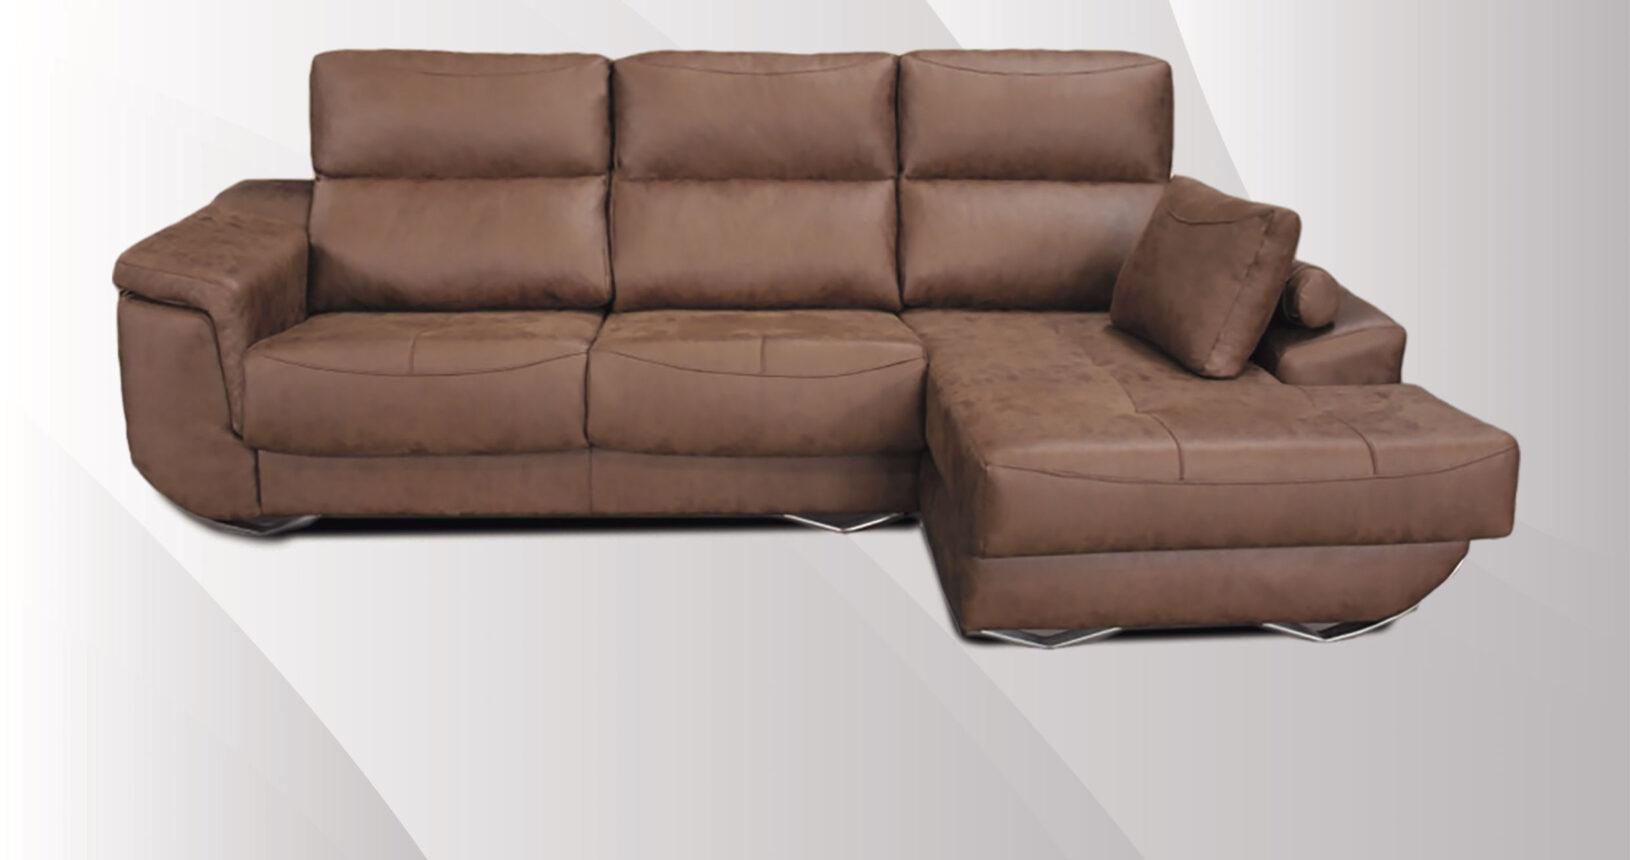 descanso sofás paola mundococina.eu